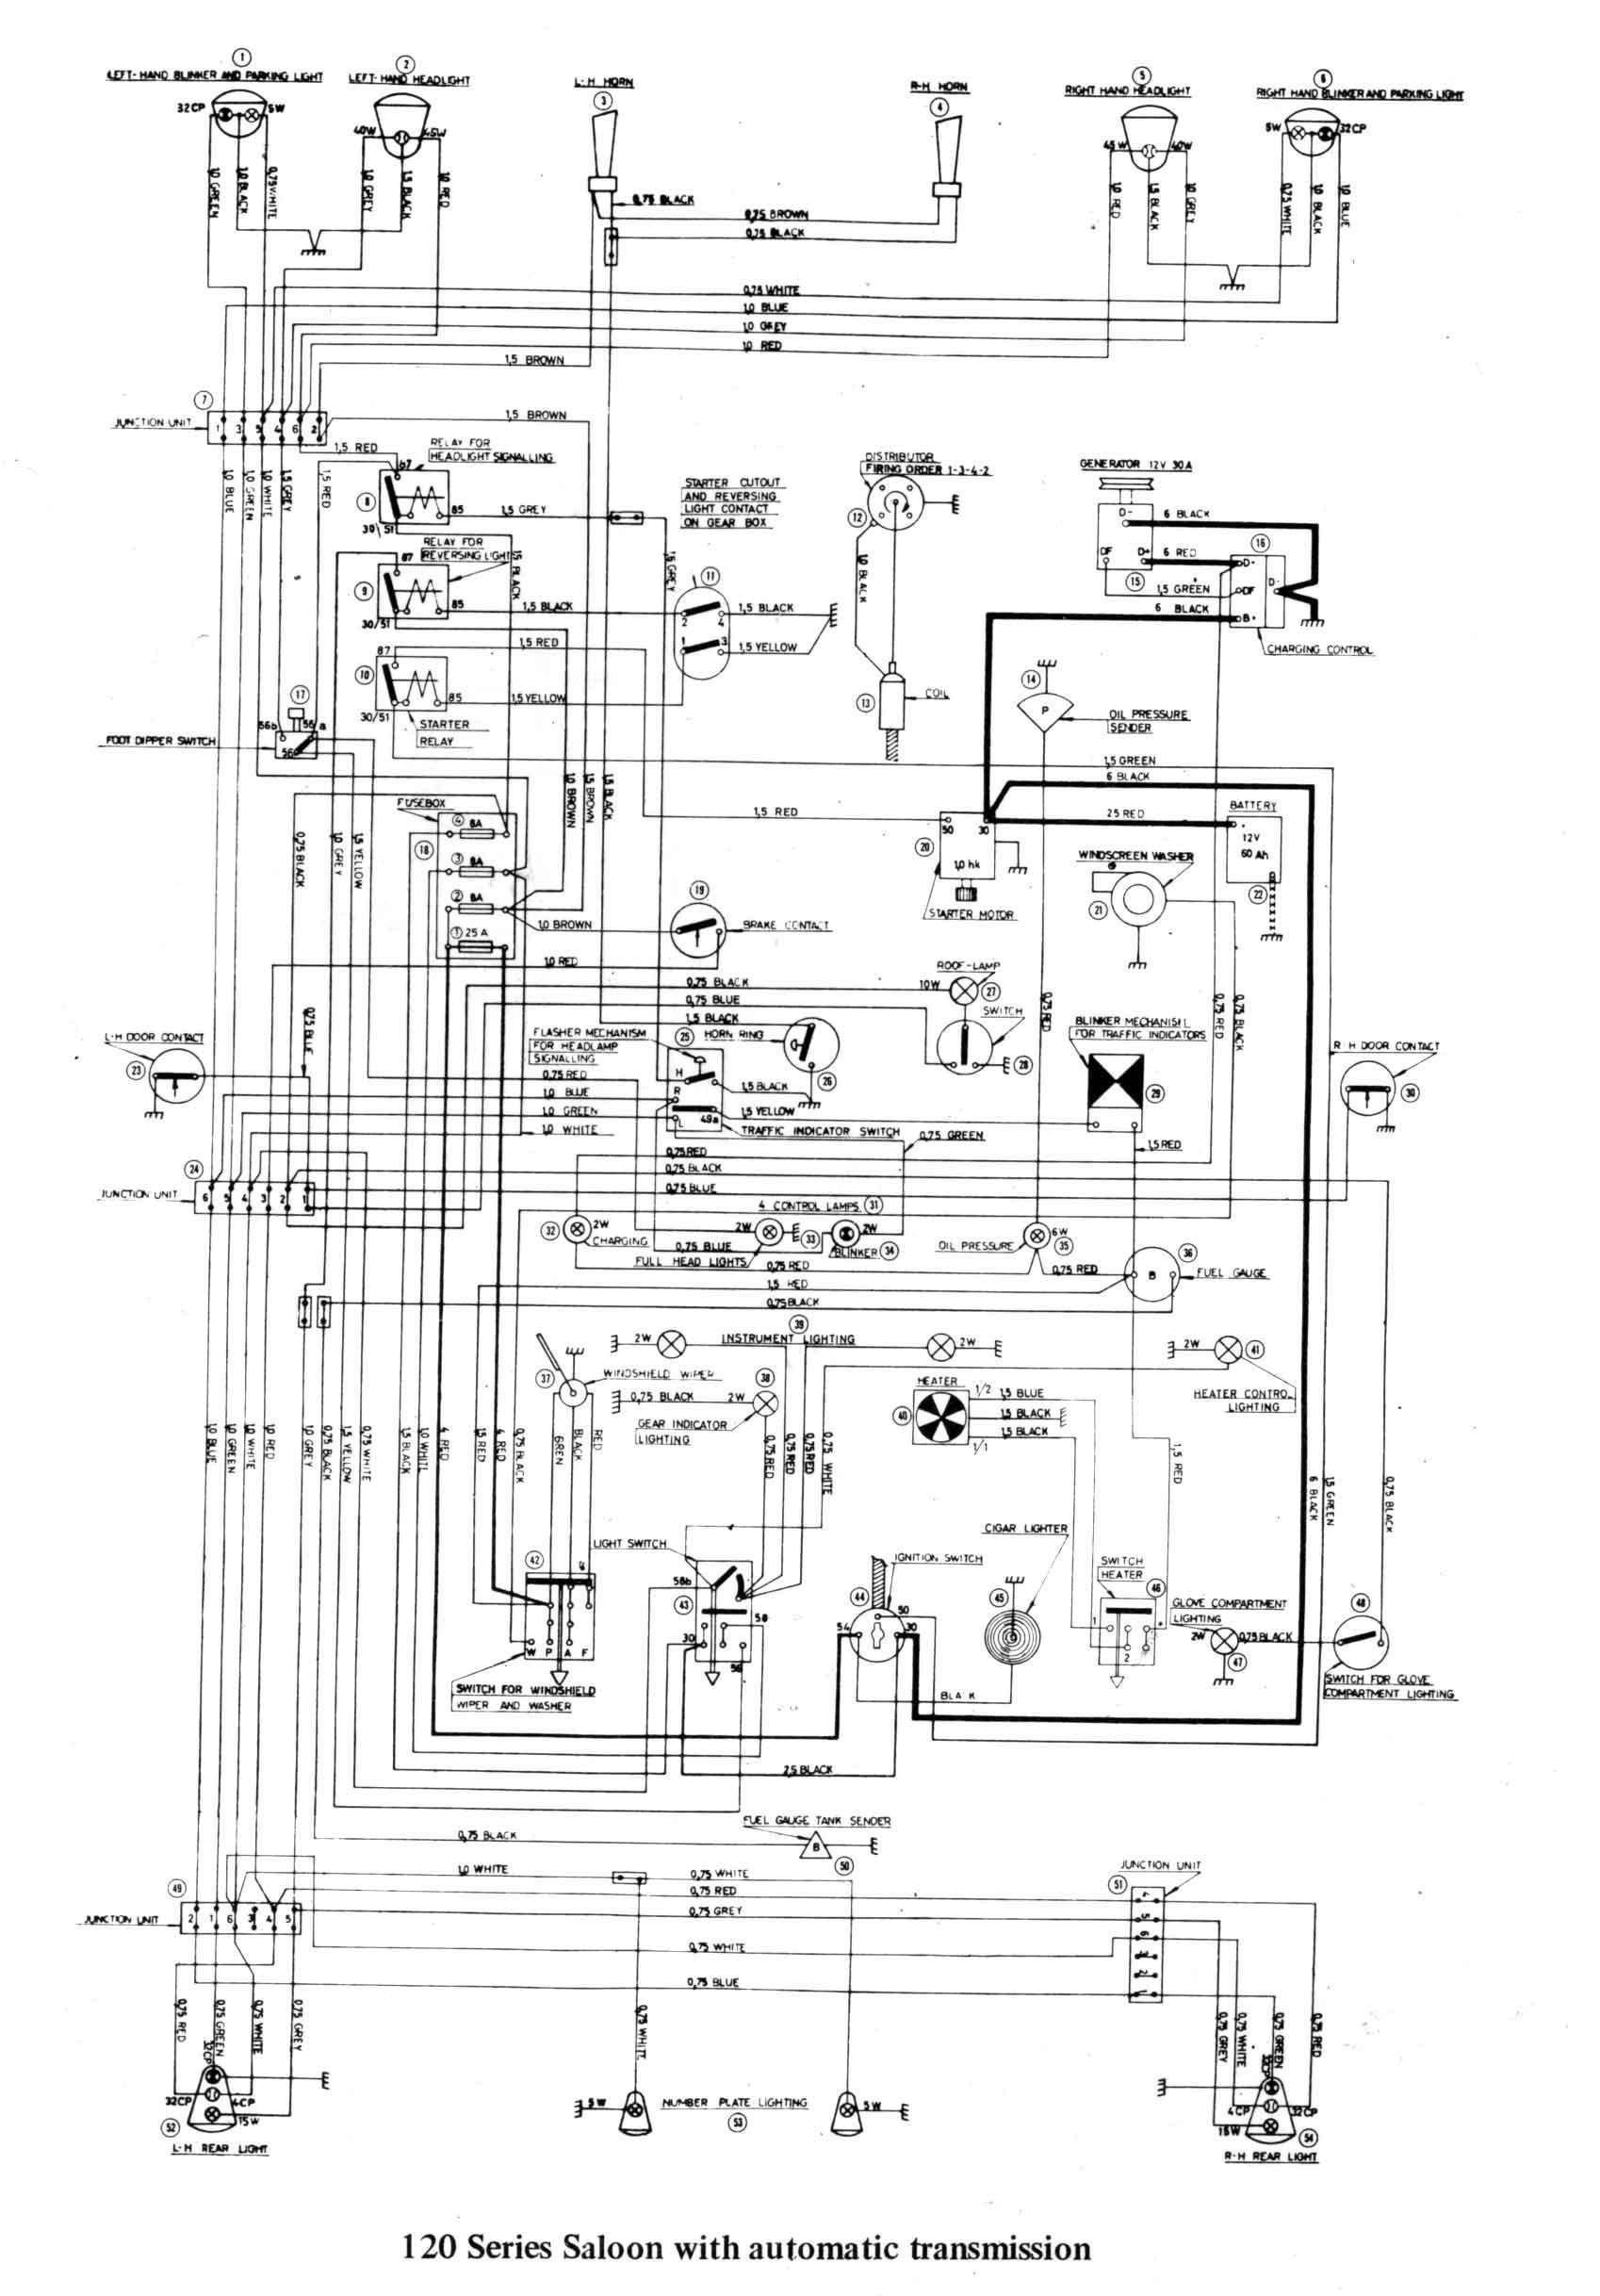 1994 Lexus Es300 Engine Diagram Lexus Alternator Wiring Diagram Detailed Schematics Diagram Of 1994 Lexus Es300 Engine Diagram